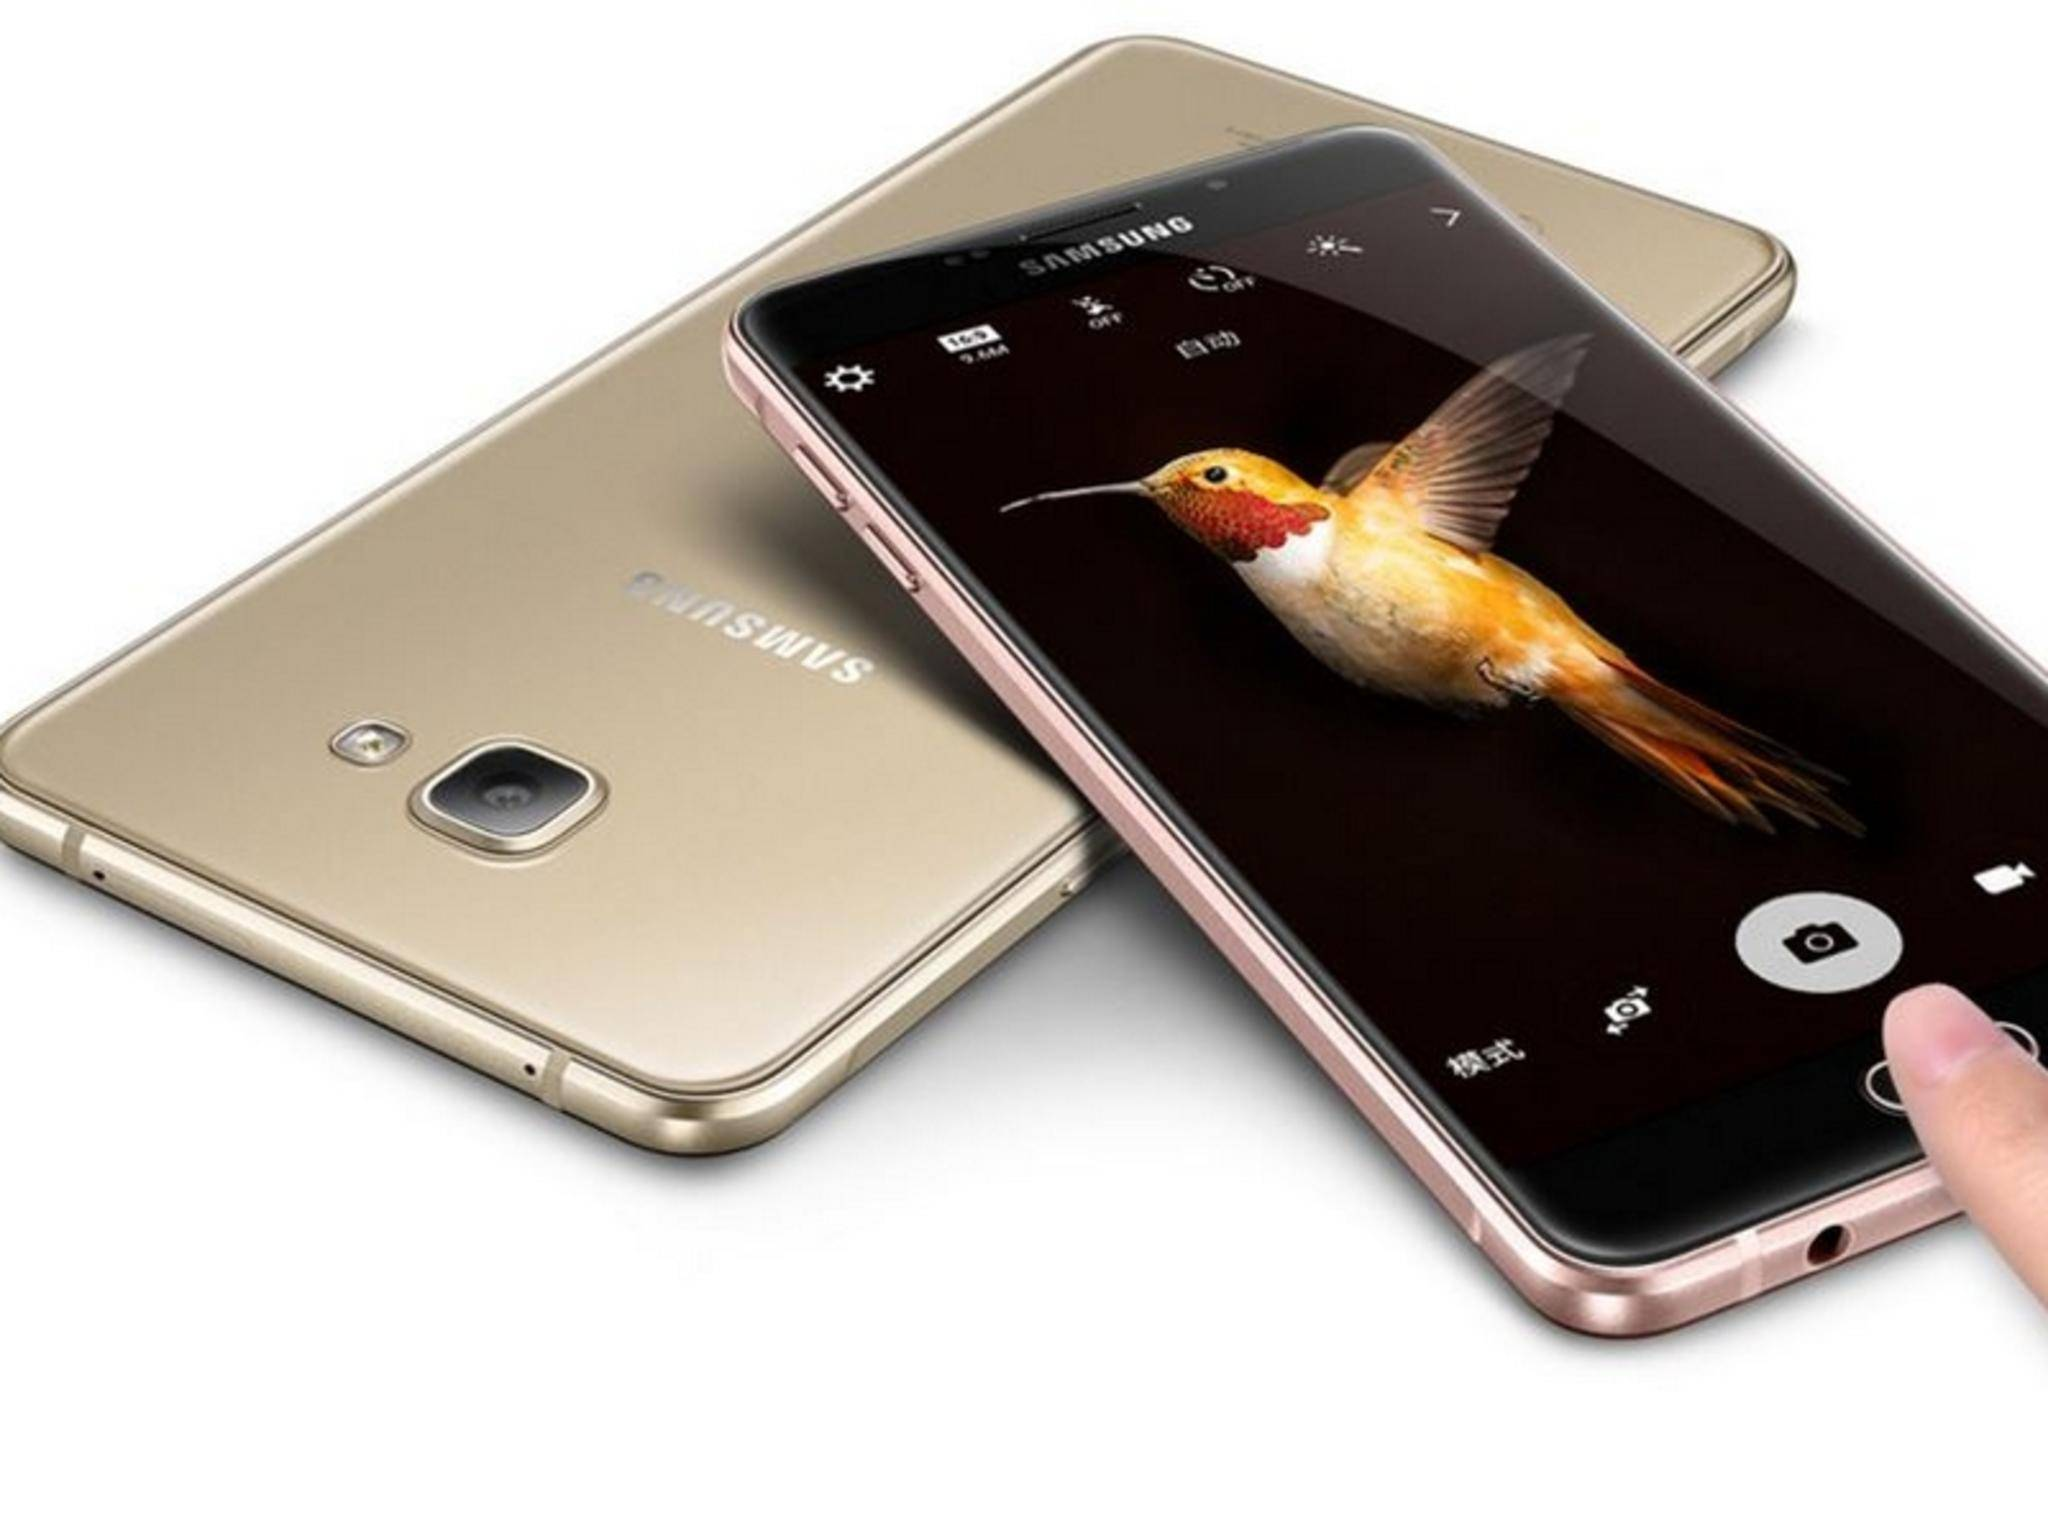 Wie das Galaxy A9 soll auch das Galaxy C5 aus Metall und Glas bestehen.